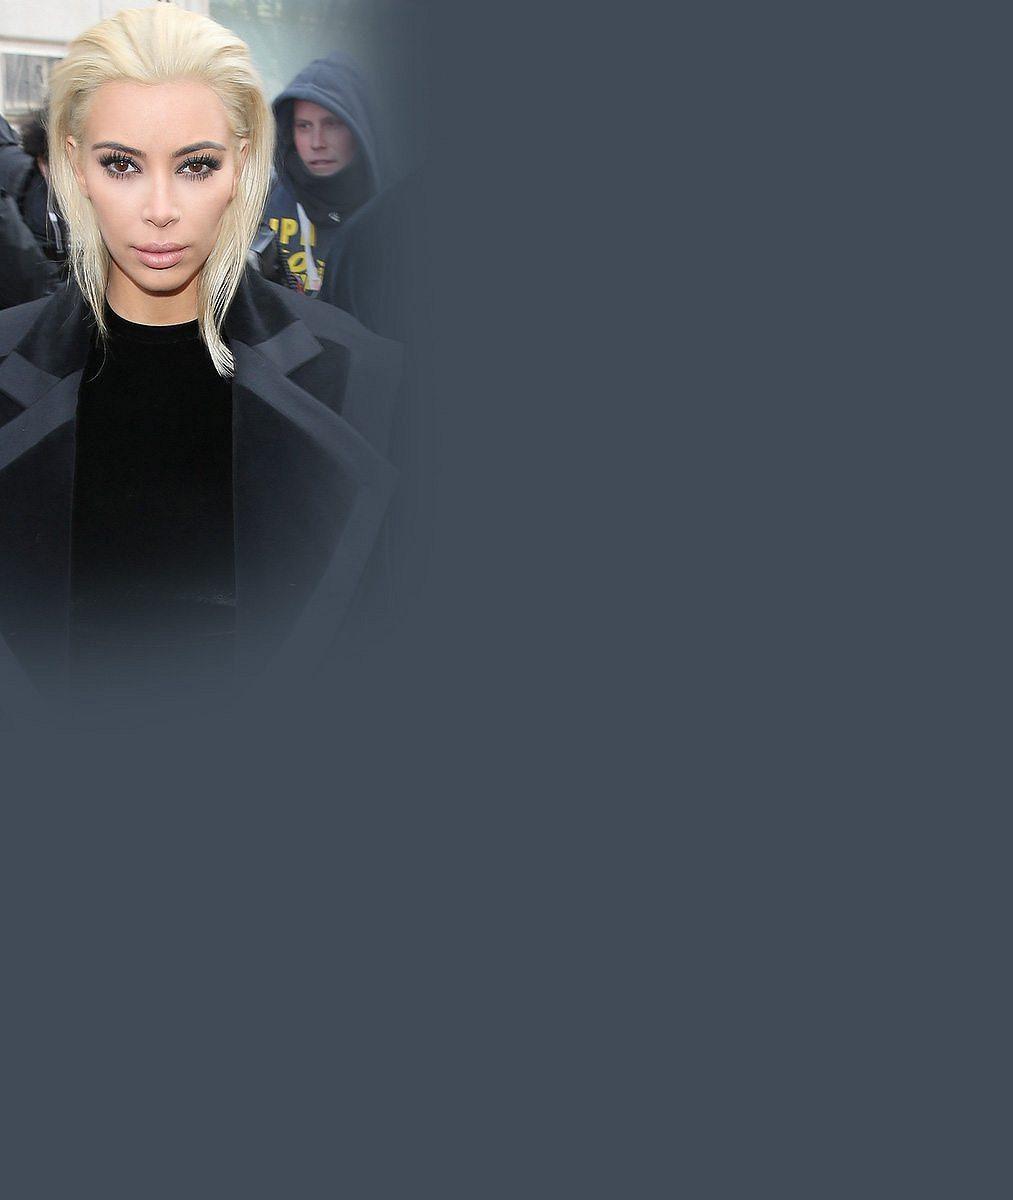 Falešná blondýnka si naštěstí vzala podprsenku: Kim Kardashian v průsvitném outfitu upozornila na svá přetékající ňadra